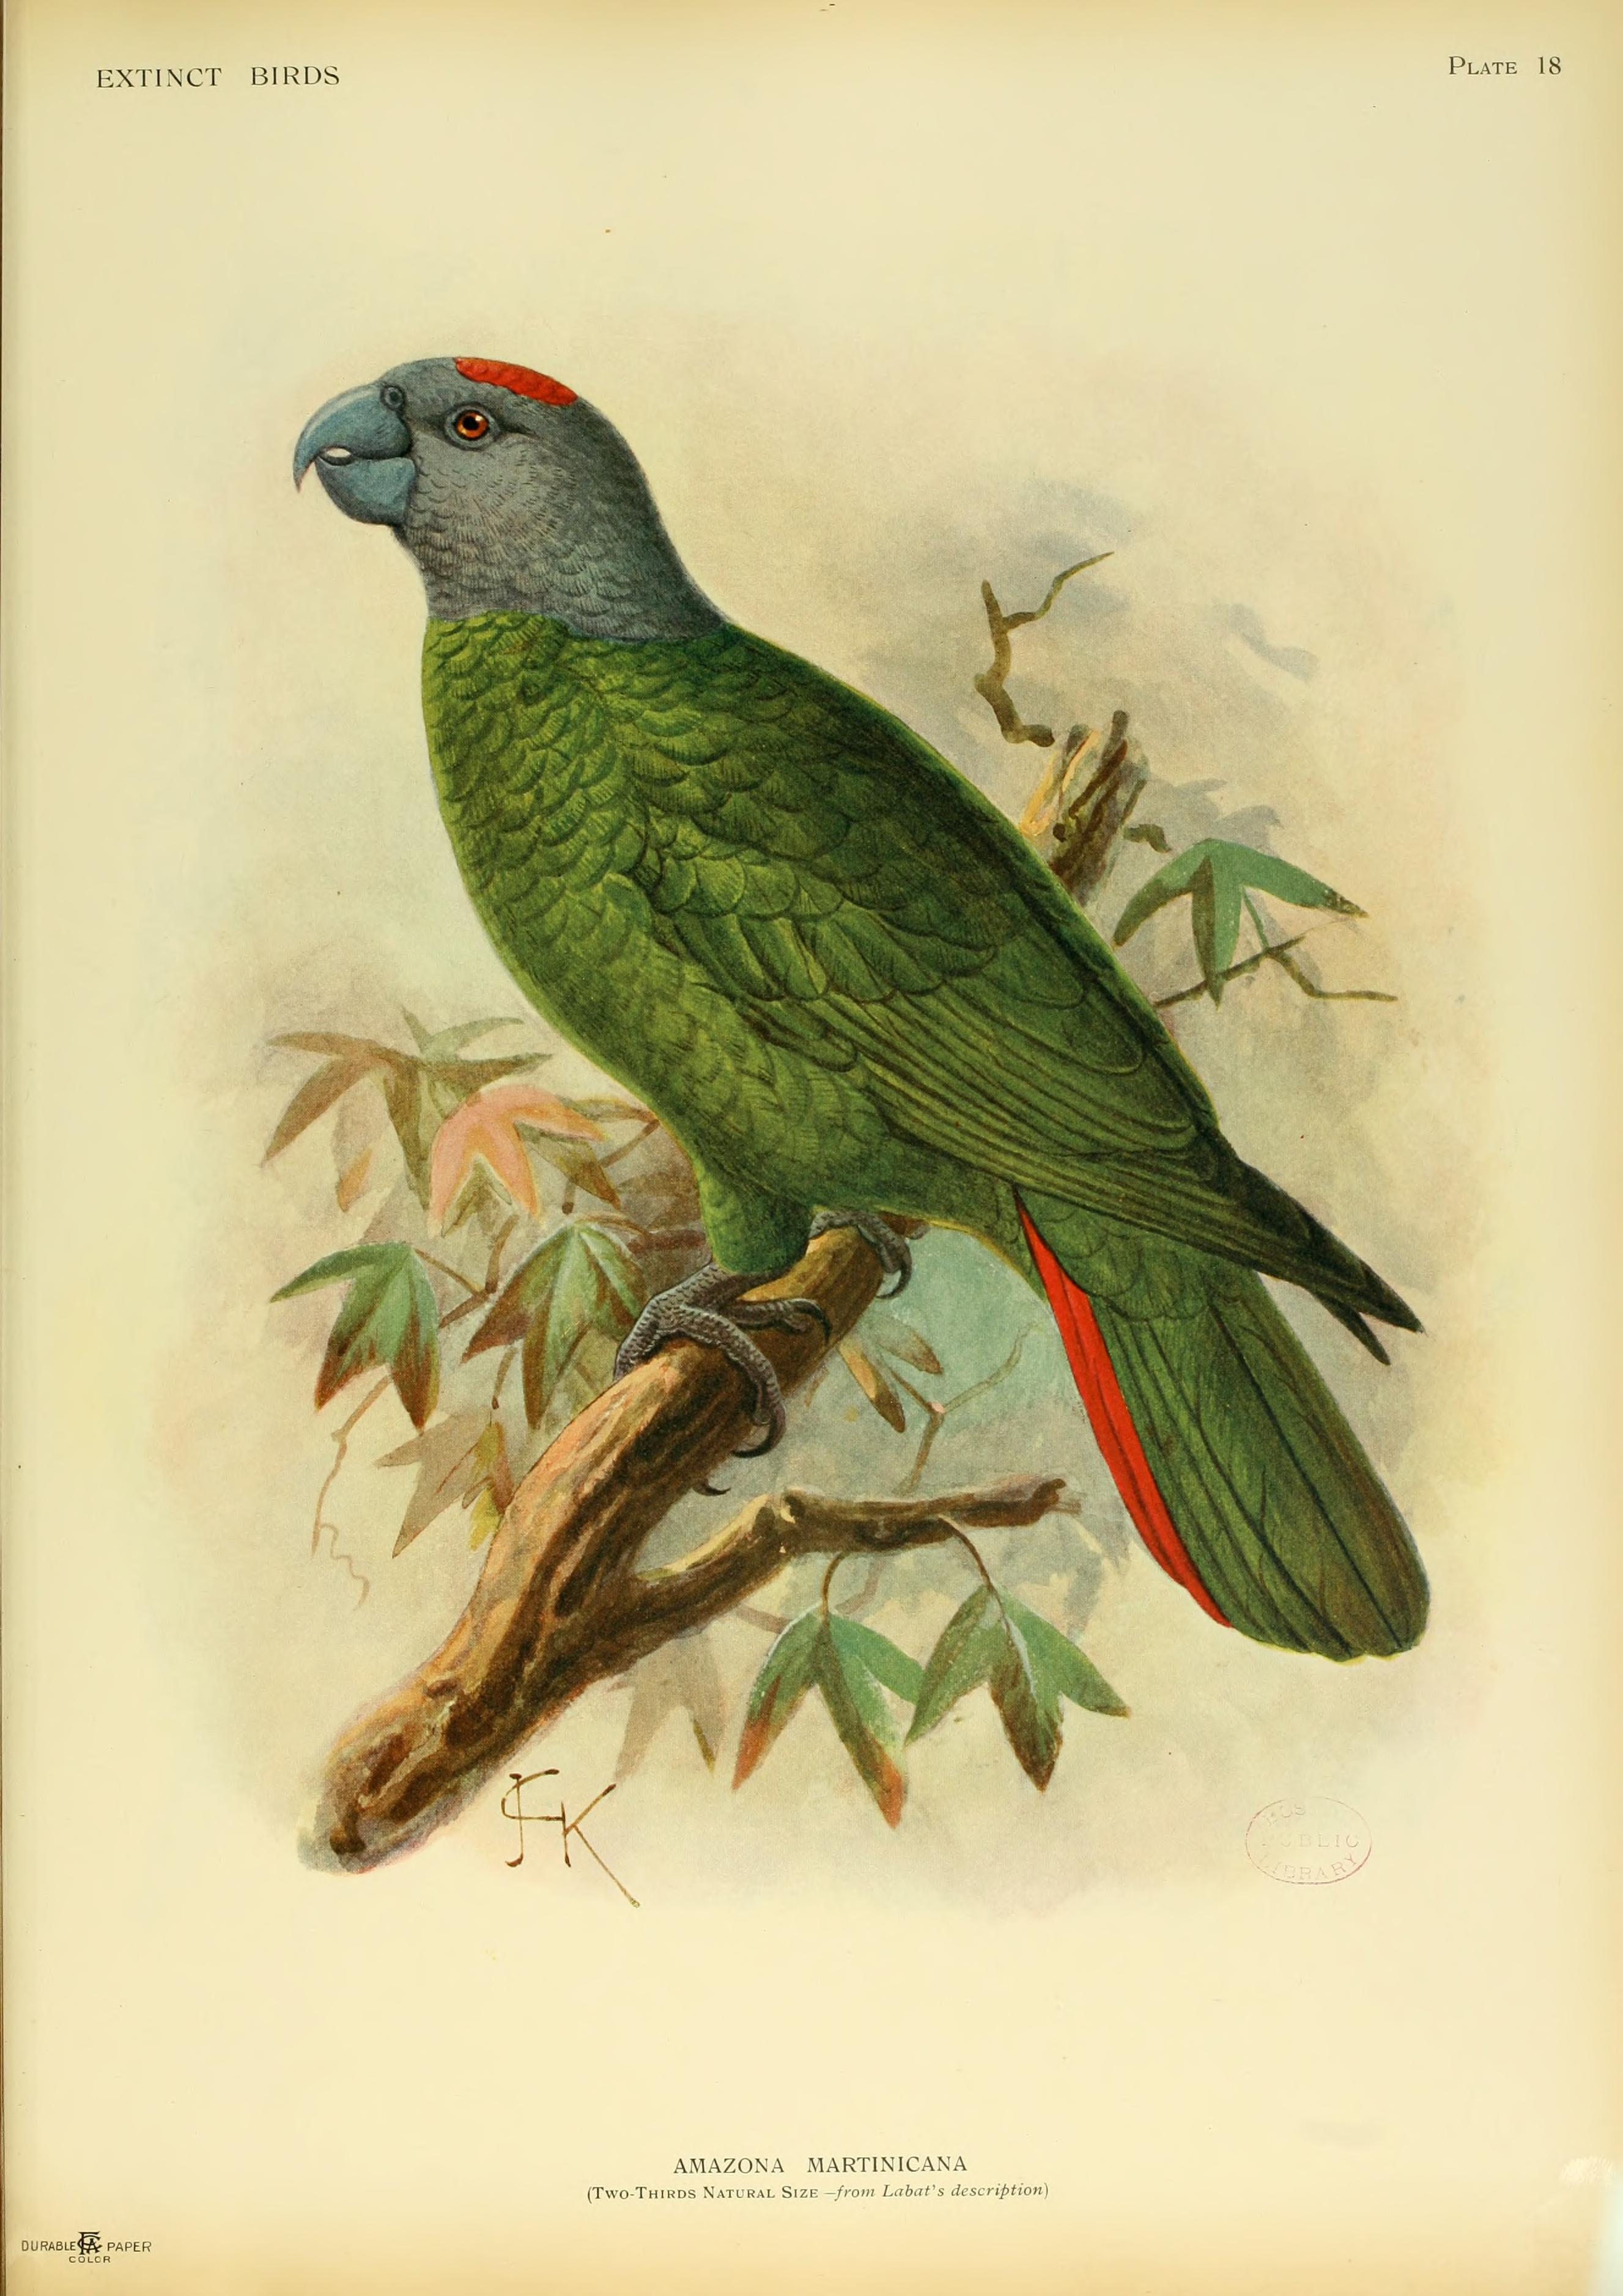 Вымершие и уничтоженные виды попугаев и других птиц Extinctbirds1907_P18_Amazona_martinicana0317